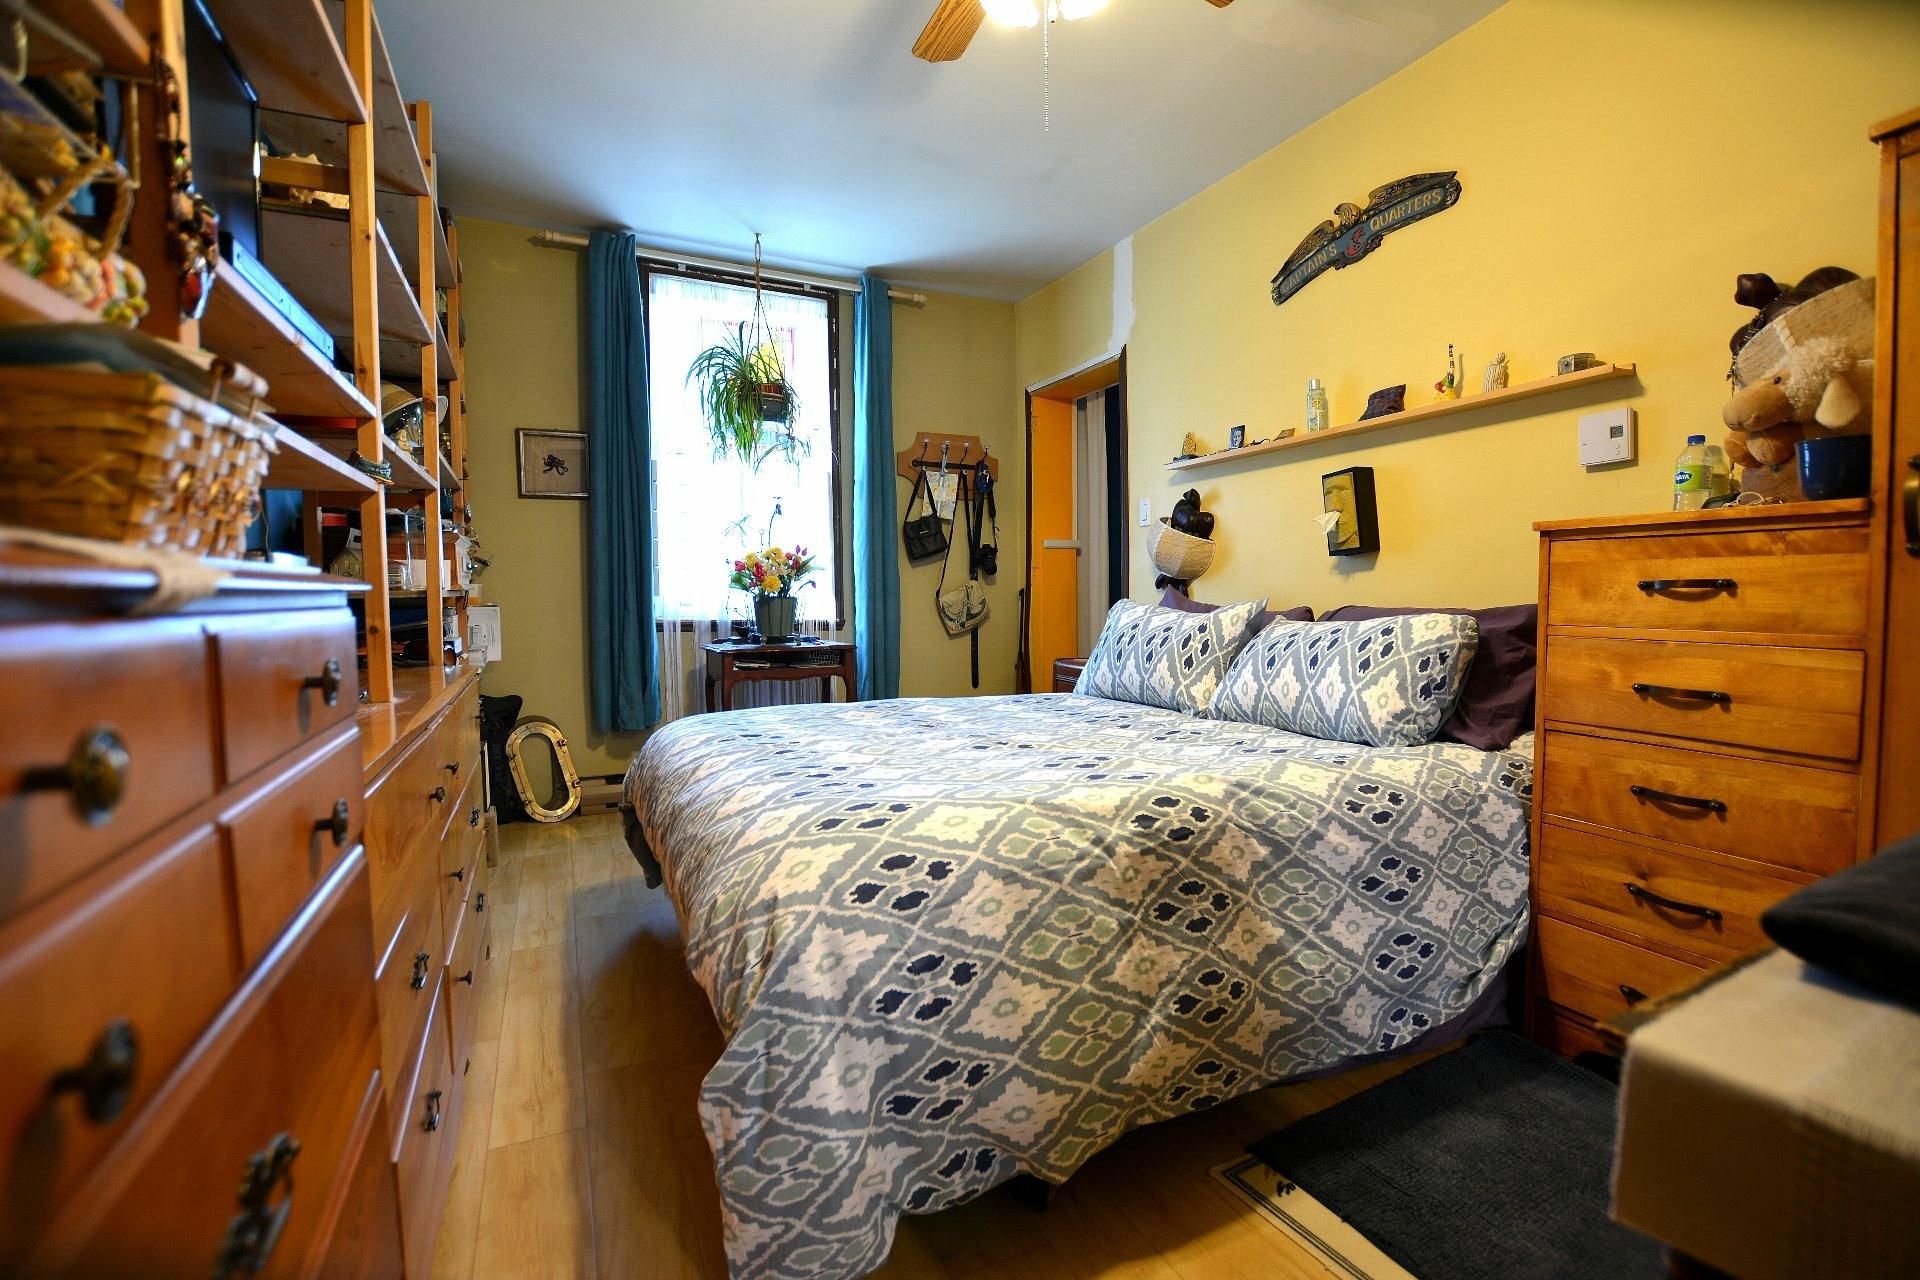 image 21 - House For sale Montréal Lachine  - 5 rooms